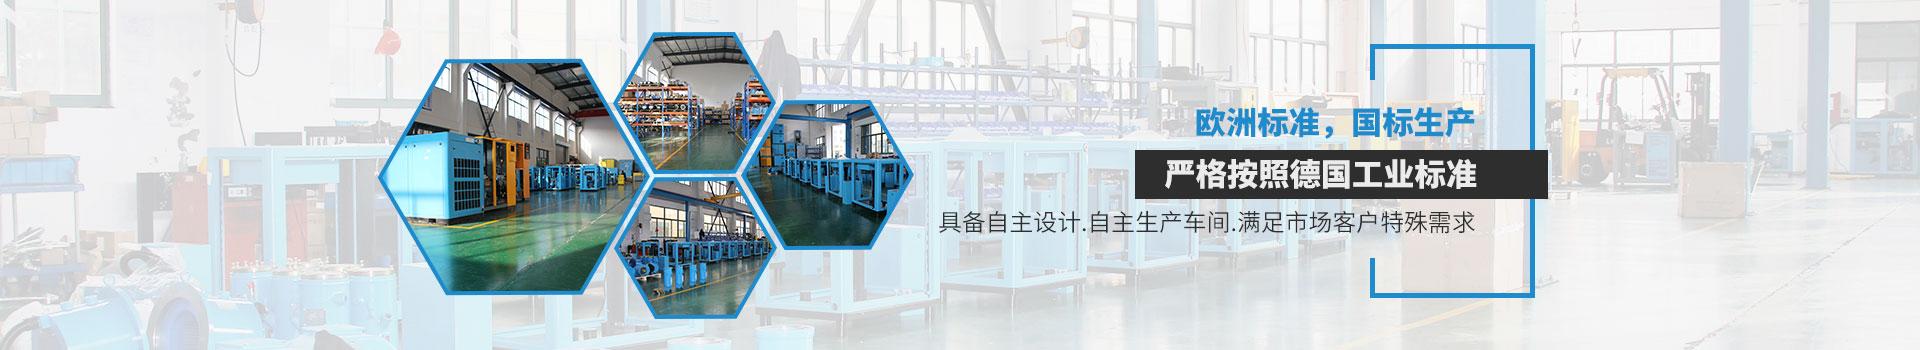 专注于工业空气压缩机的研发和制造